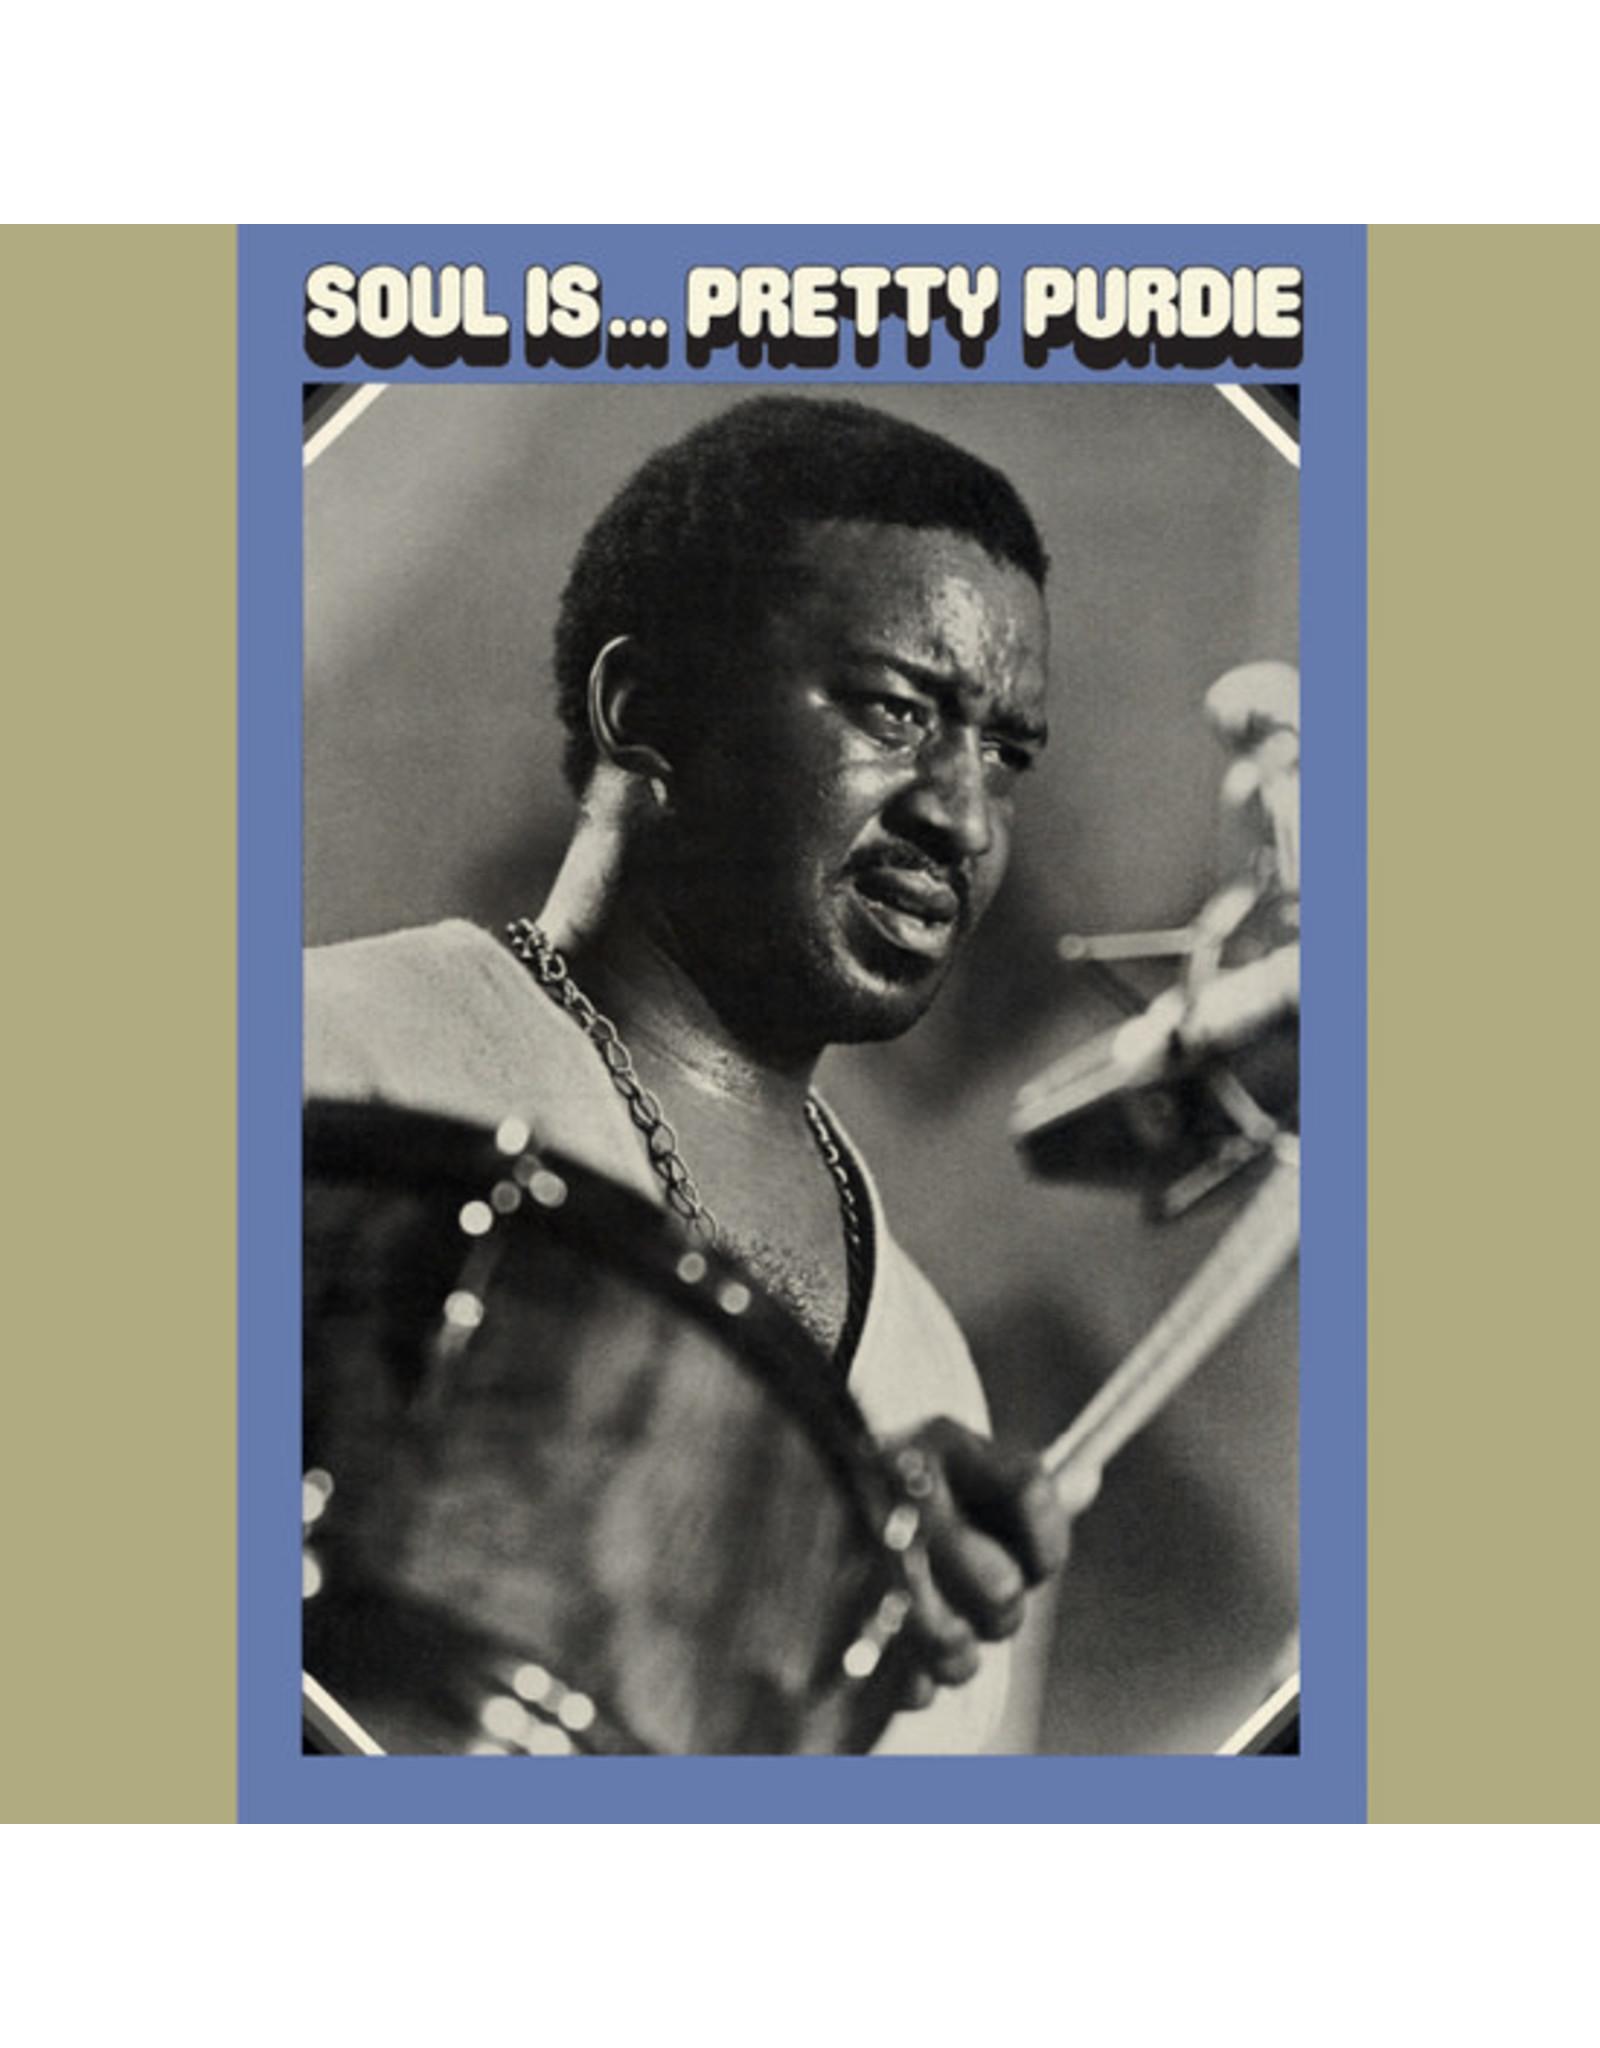 New Vinyl Bernard Purdie - Soul Is… Pretty Purdie LP